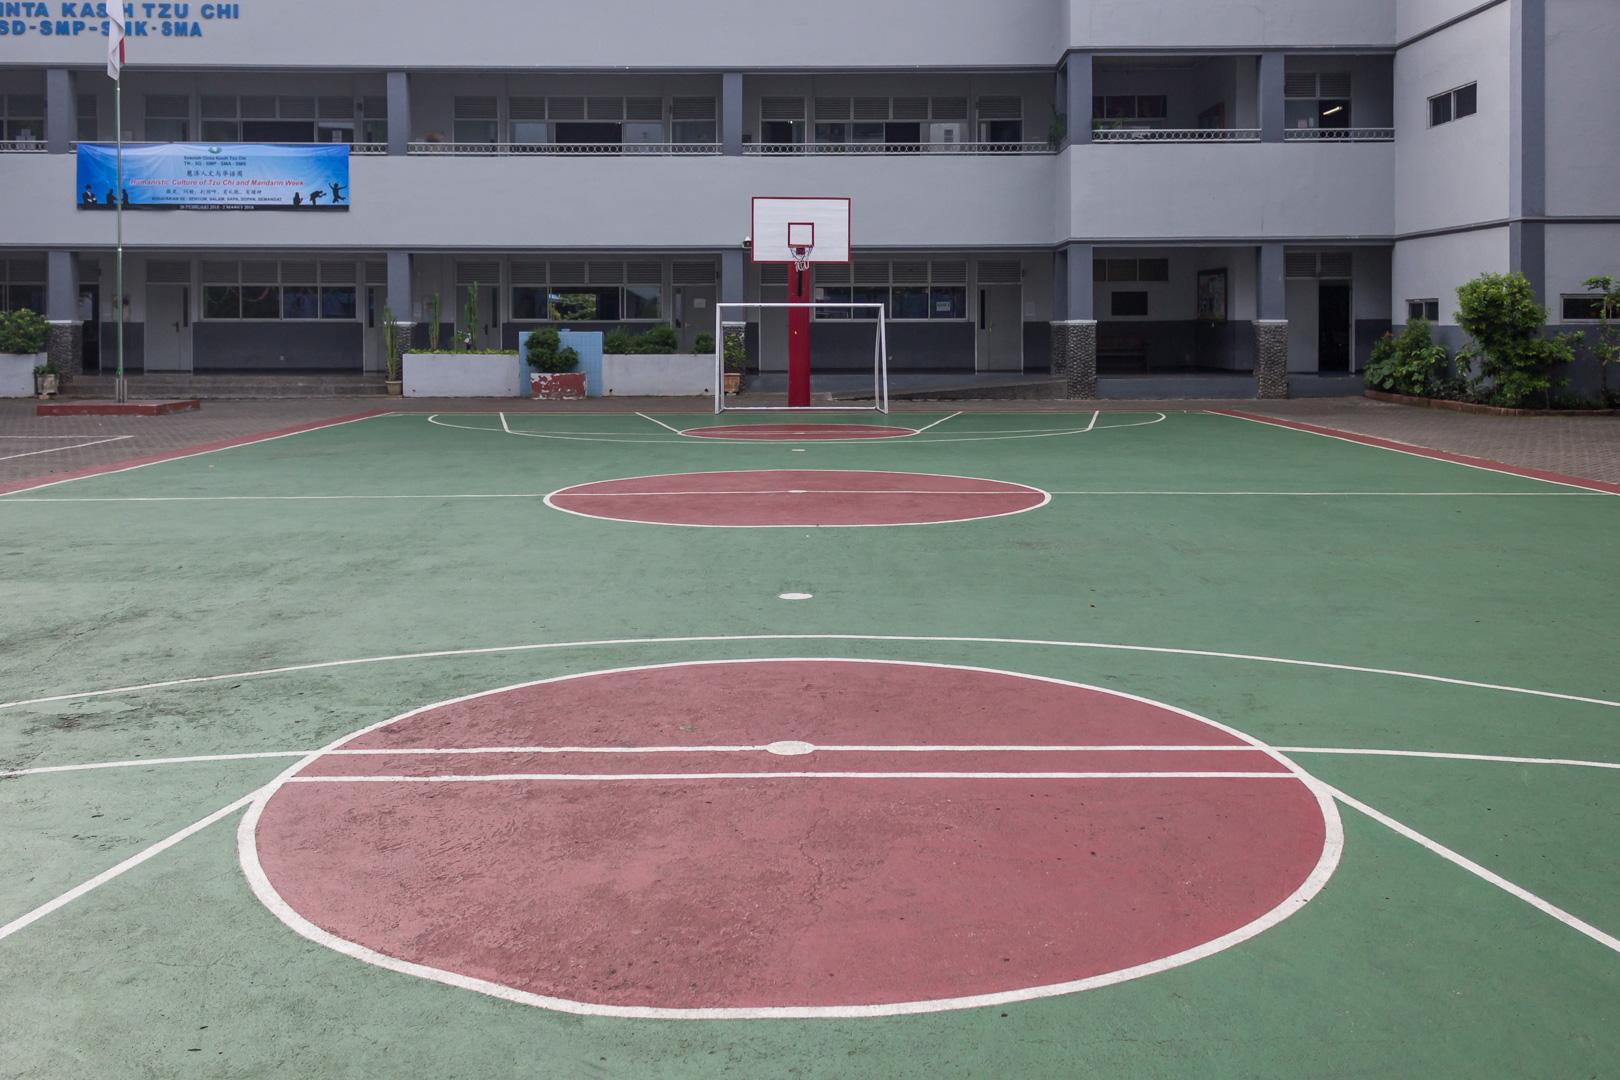 Lapangan Bermain Sekolah Cinta Kasih Tzu Chi